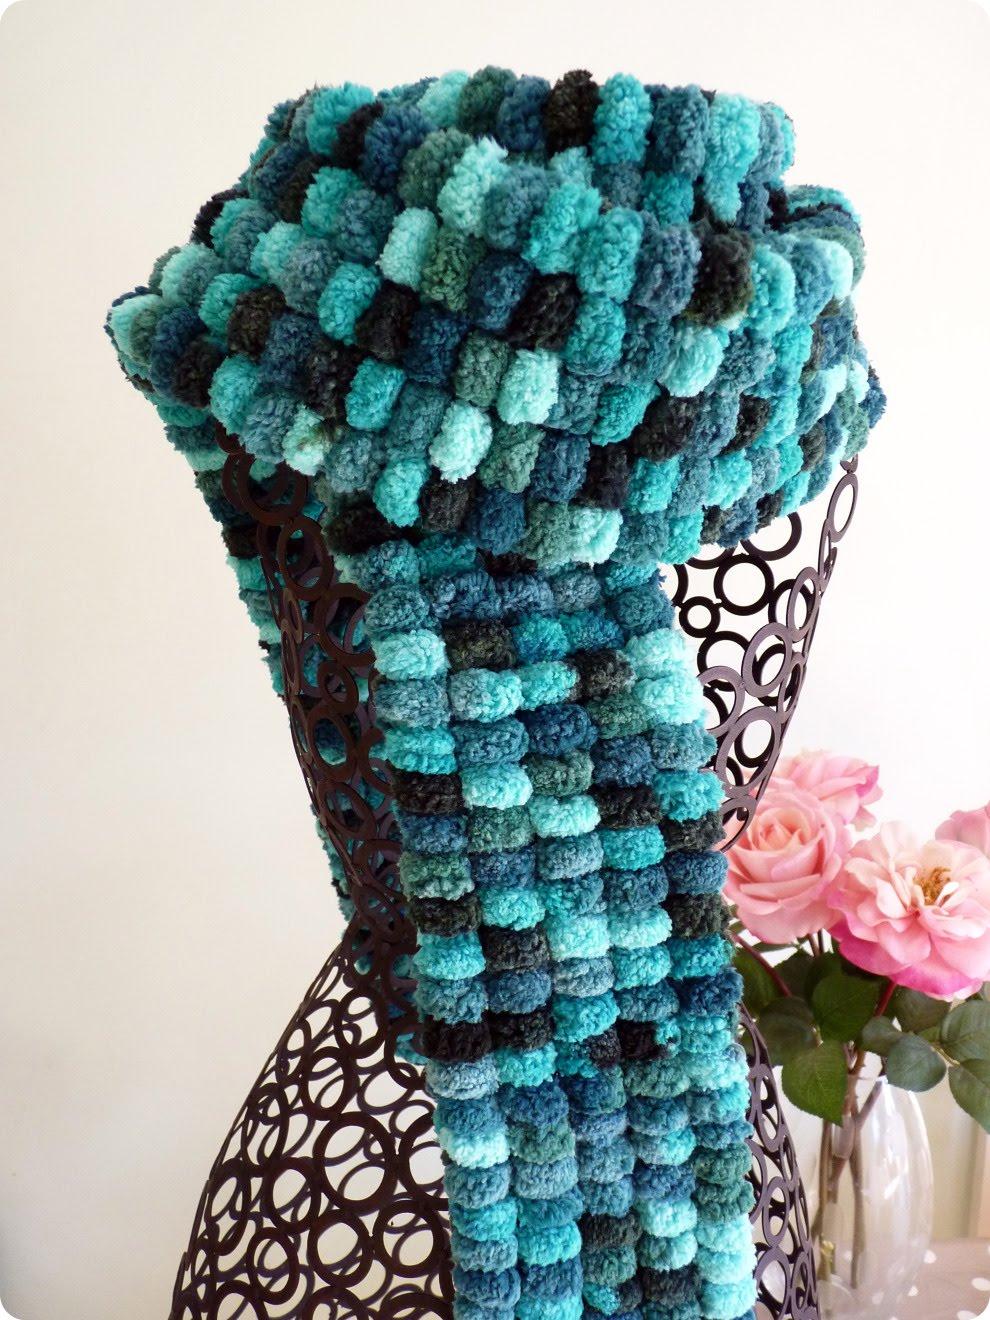 Knitting Pattern For Scarf With Pom Pom Wool : Figgy & Co.: Tutorial: Pom Pom Wool Scarf